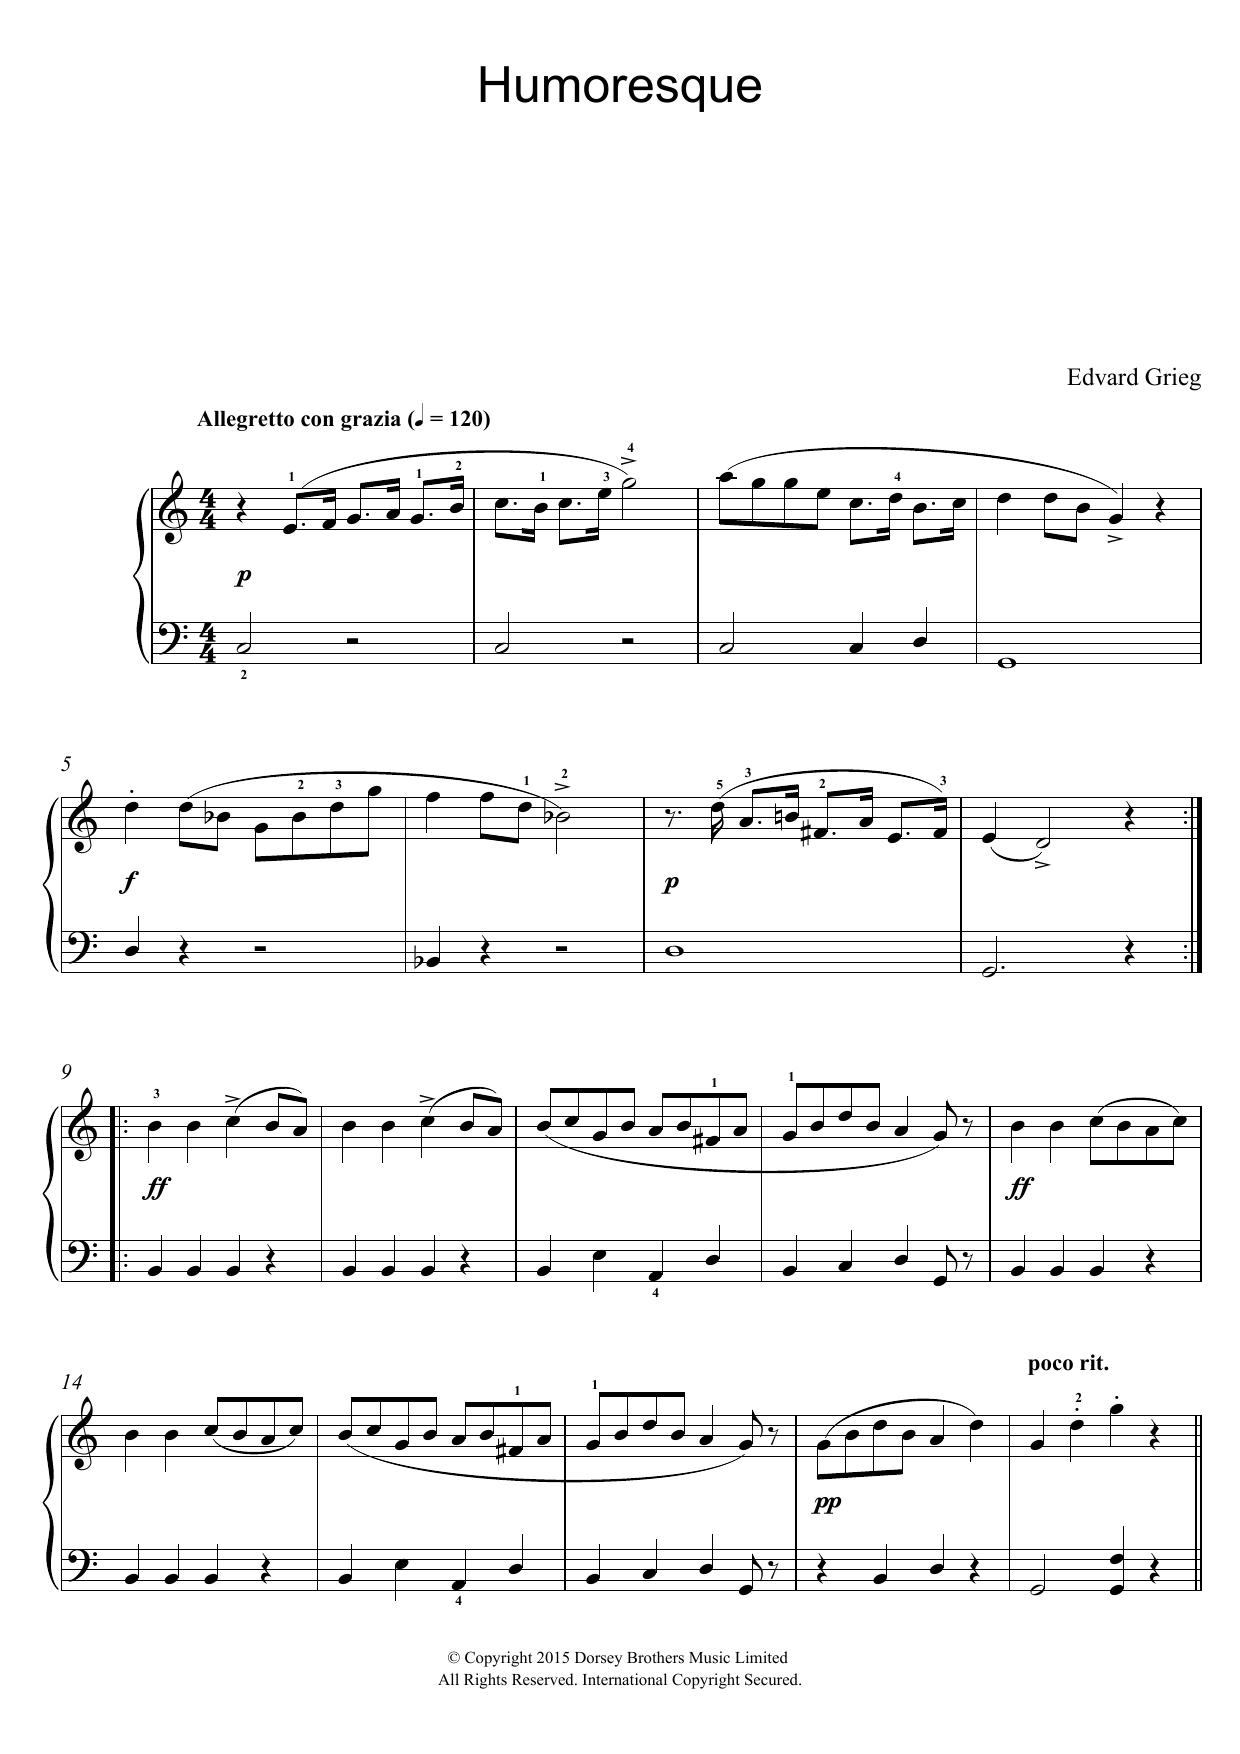 Edvard Grieg - Humoresque